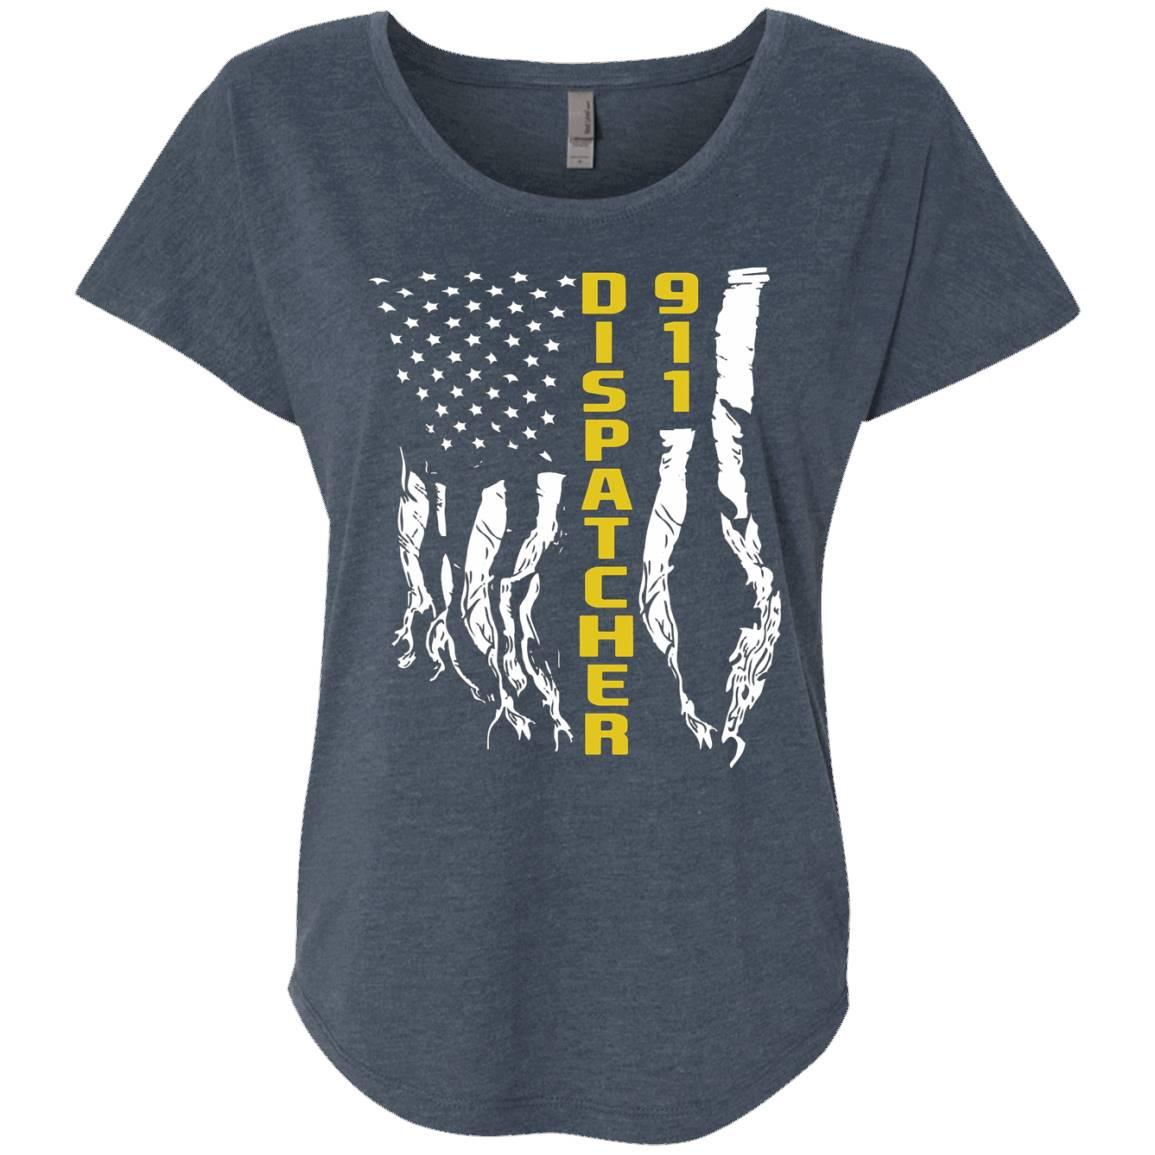 911 Dispatcher Shirts – 911 Dispatcher T-Shirt